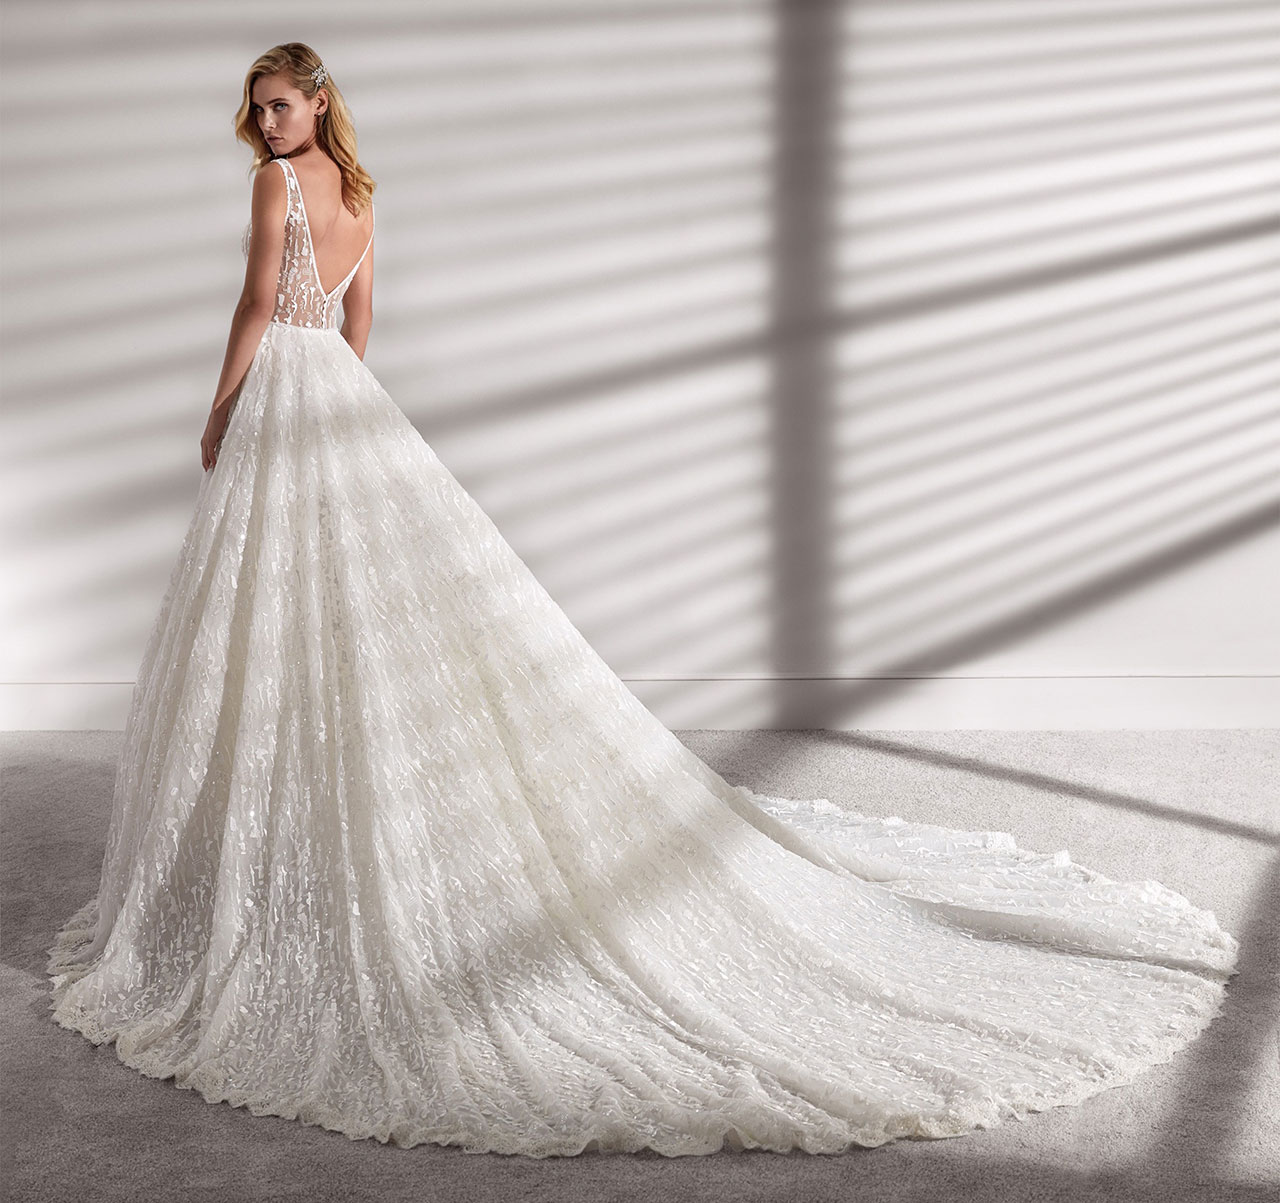 Nicole-Spose-sposa-2020-2